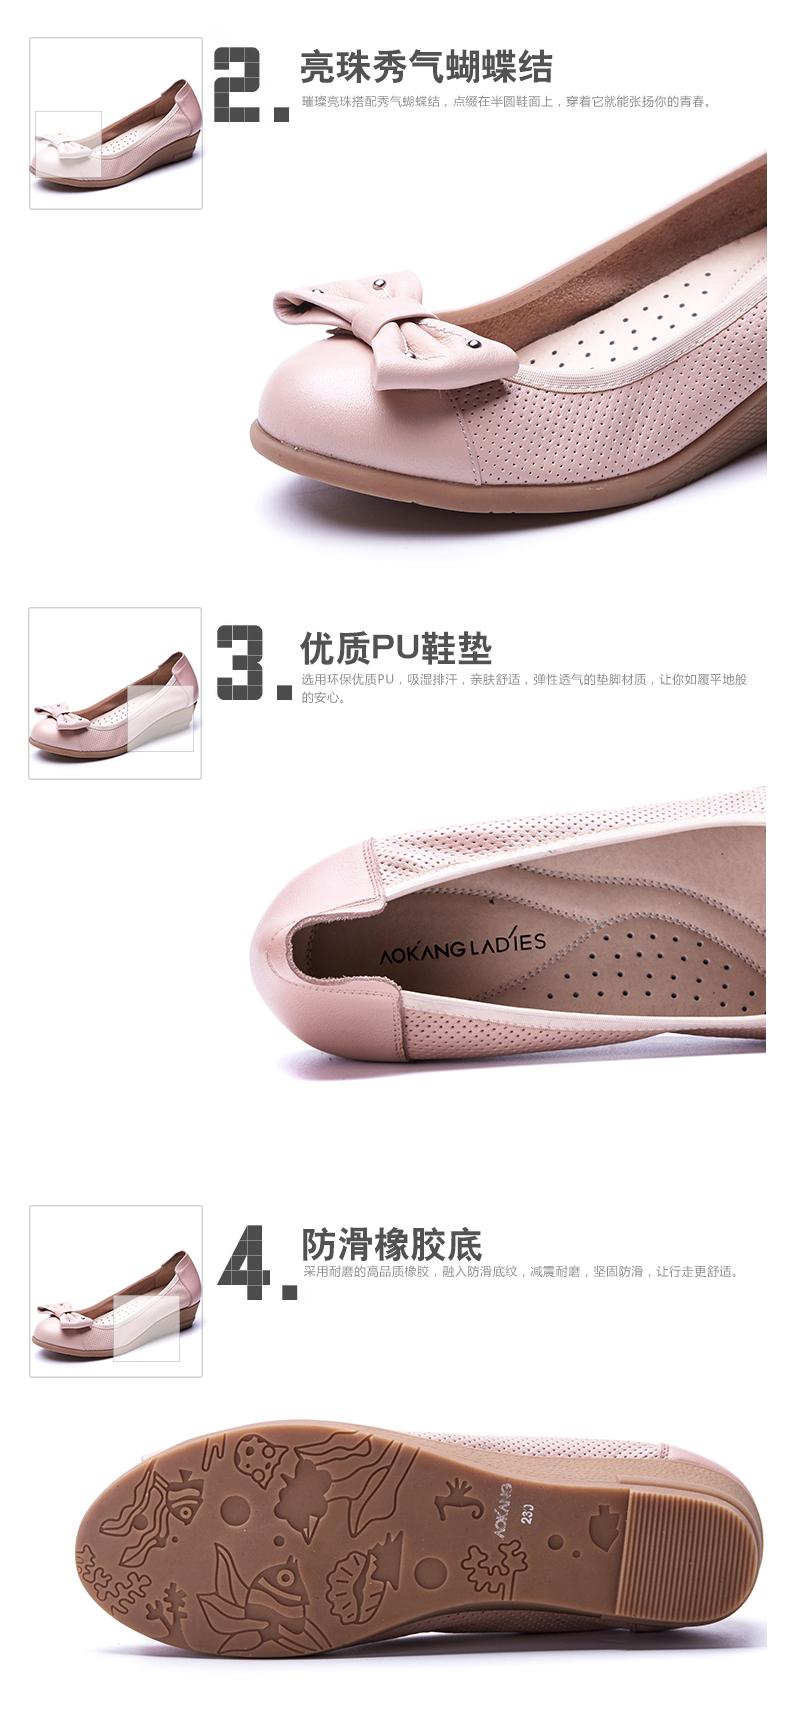 奥康女鞋 新款坡跟蝴蝶结楼空浅口松紧女单鞋 甜美舒适女高清展示图 16